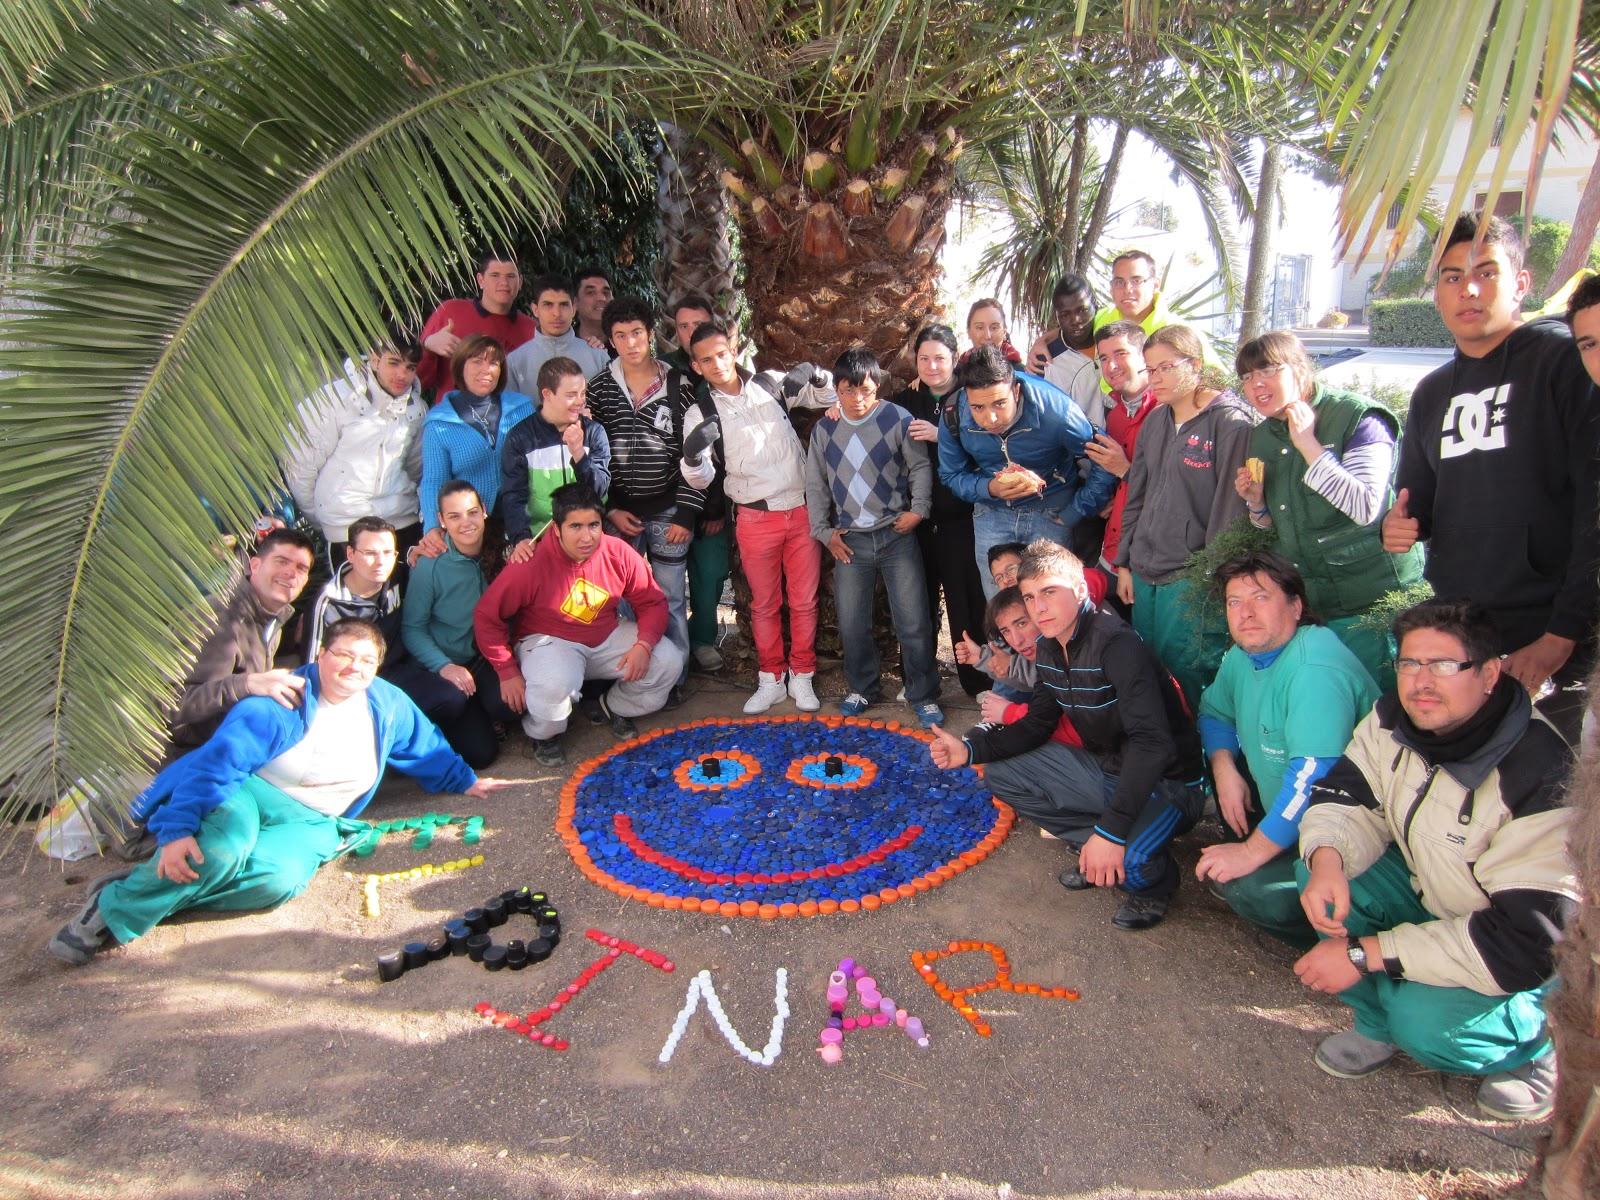 Escuela municipal de jardiner a el pinar marzo 2012 for Escuela de jardineria